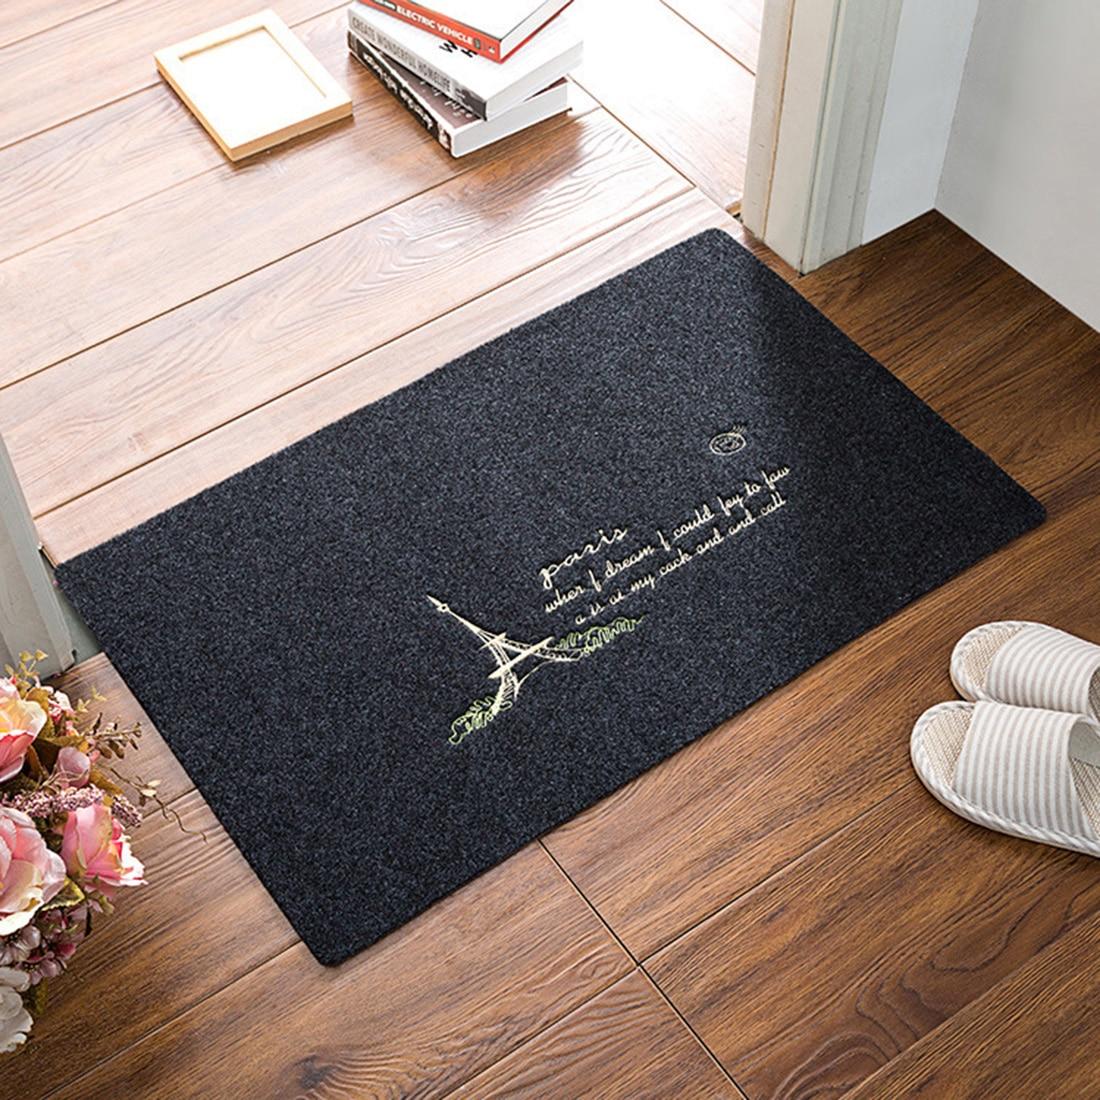 Non Slip Rugs For Kitchen Popular Polypropylene Doormat Buy Cheap Polypropylene Doormat Lots